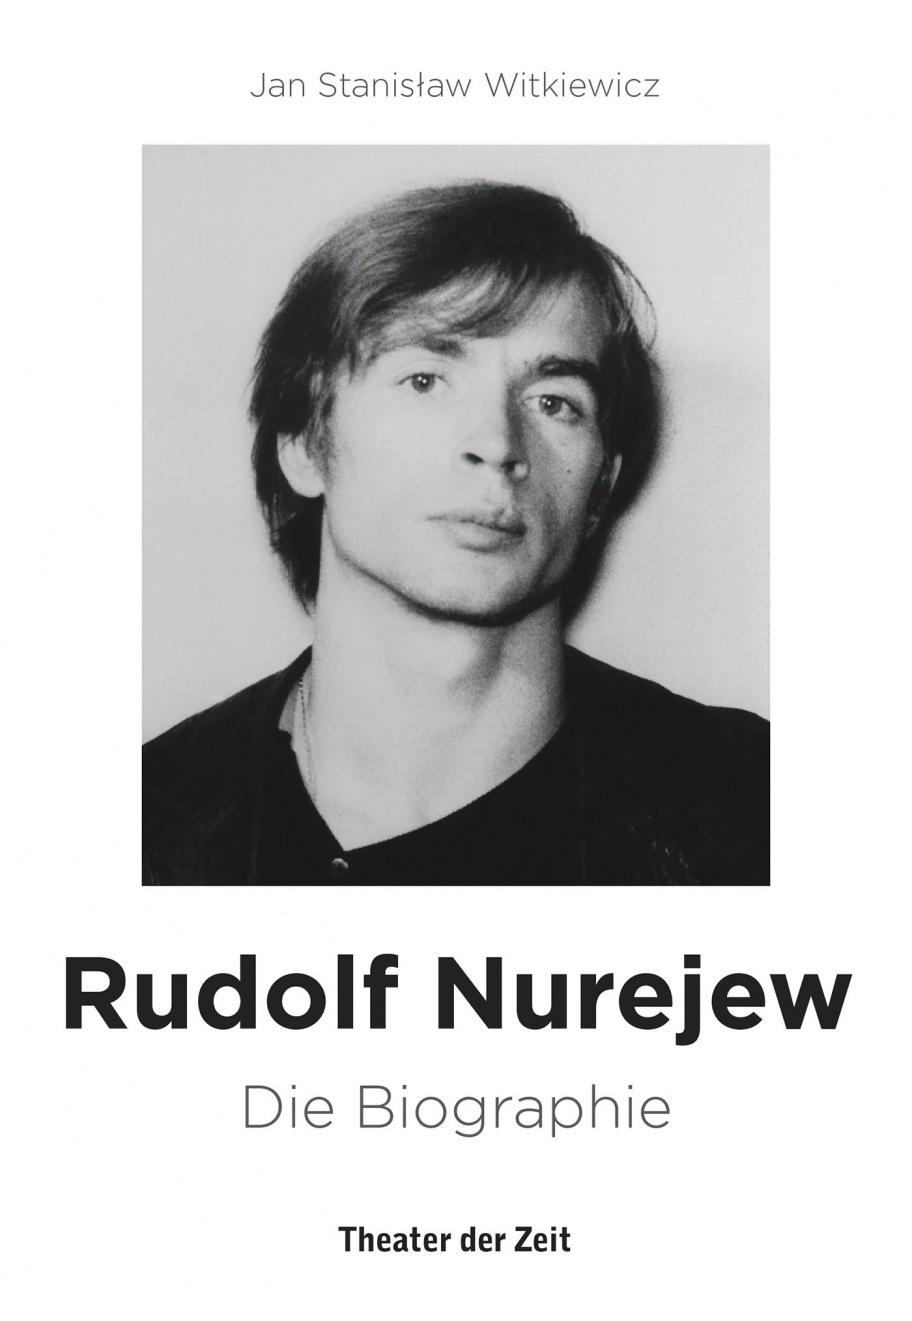 Jan Stanislaw Witkiewicz: Rudolf Nurejew